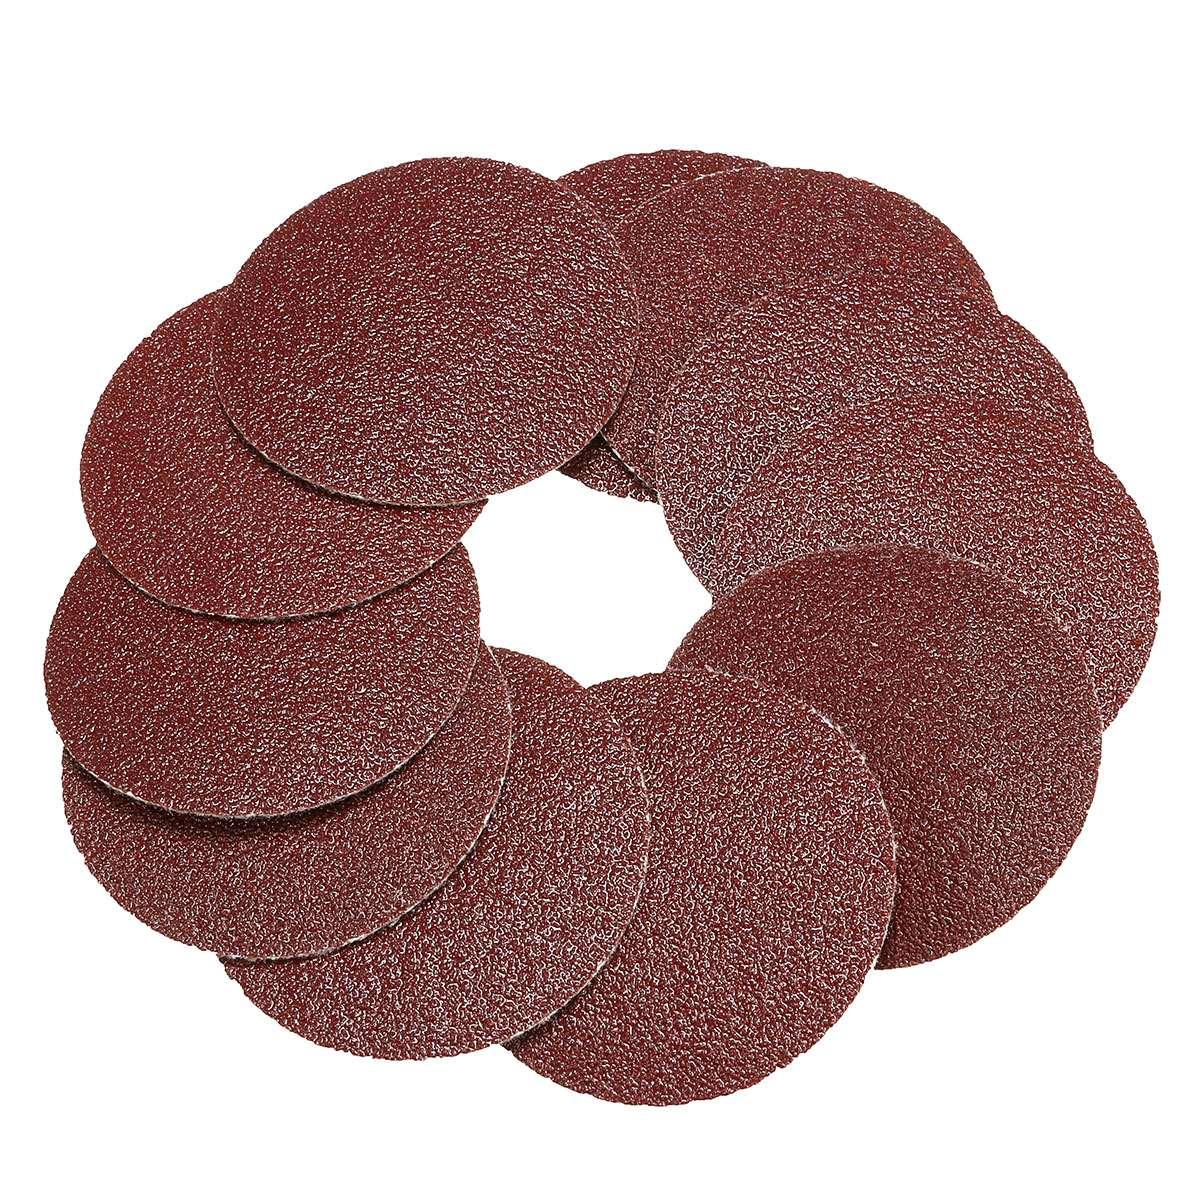 10pcs/set 50mm Round Sanding Discs Sandpaper Grits 80 120 240 400 600 800-3000 Best Promotion